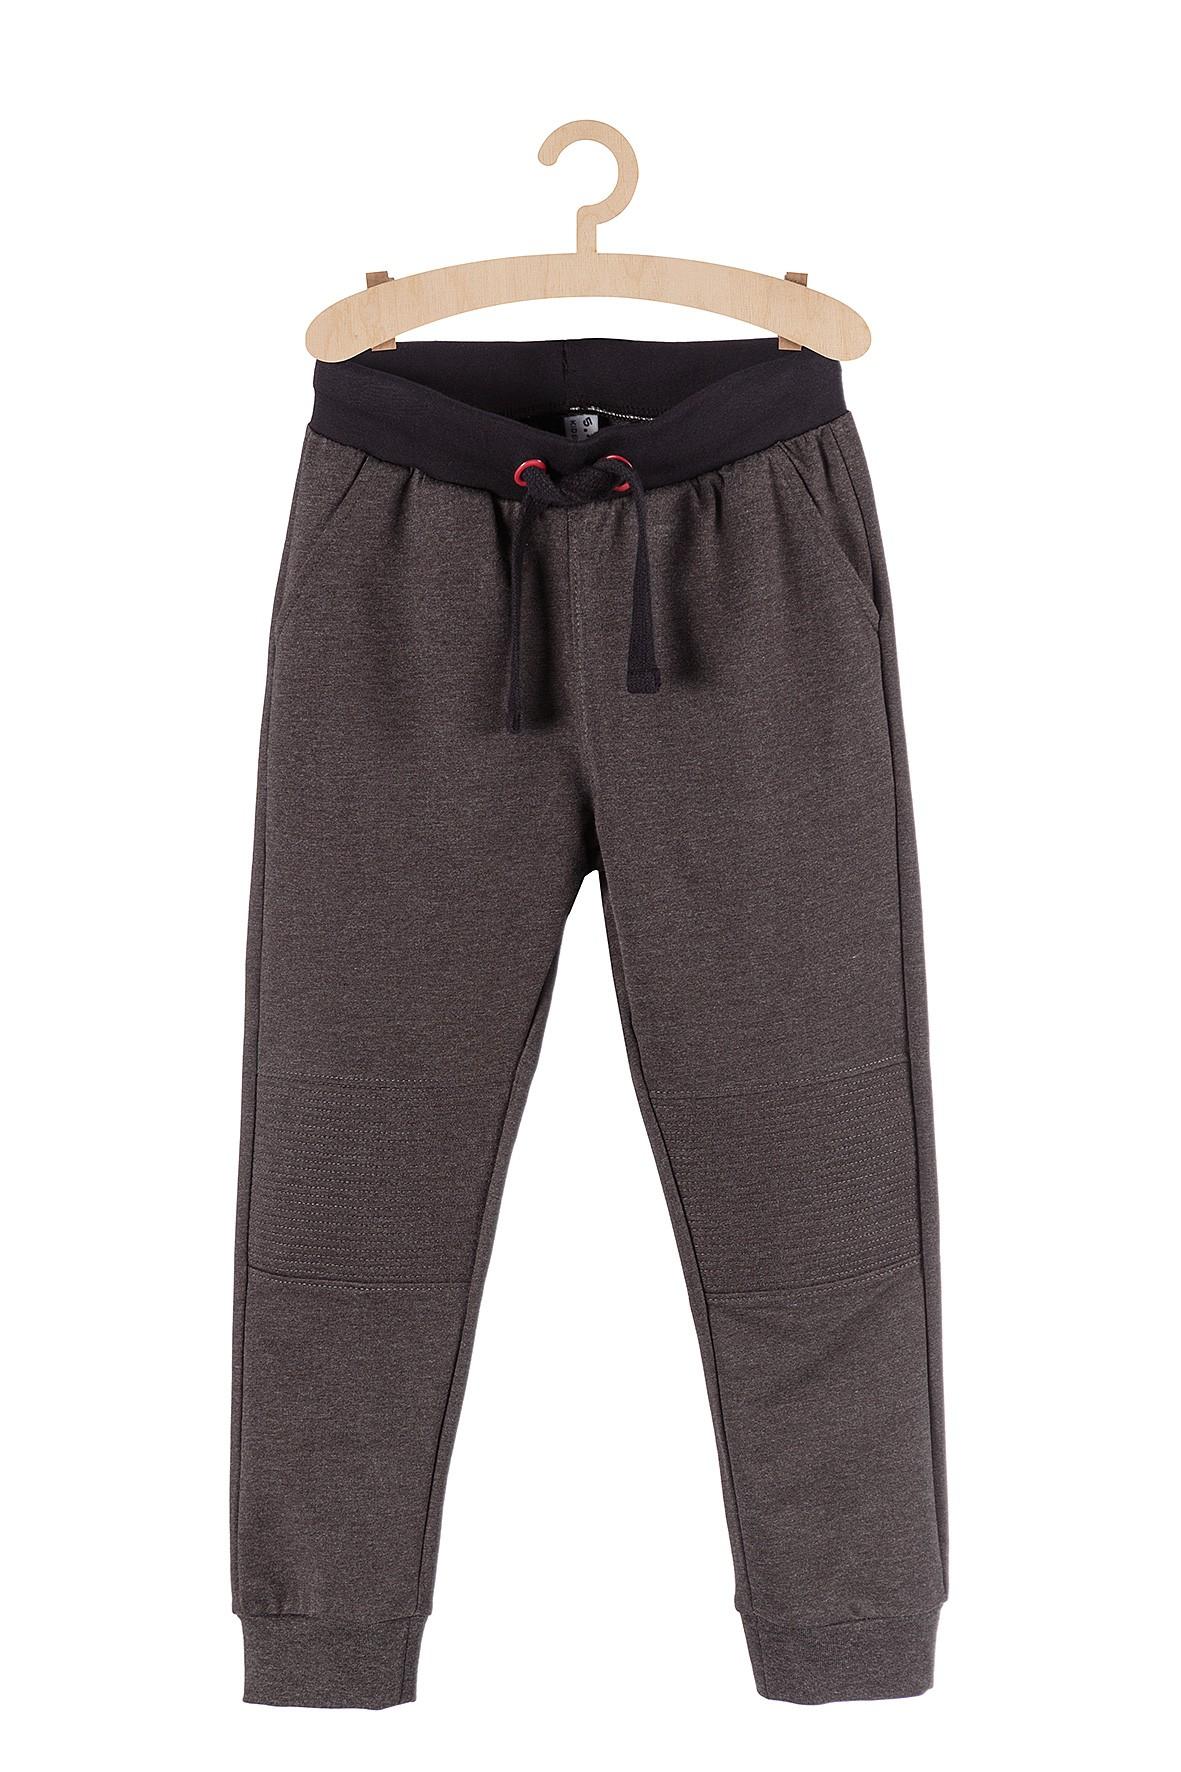 Spodnie dresowe chłopięce szare z przeszyciami na kolanach